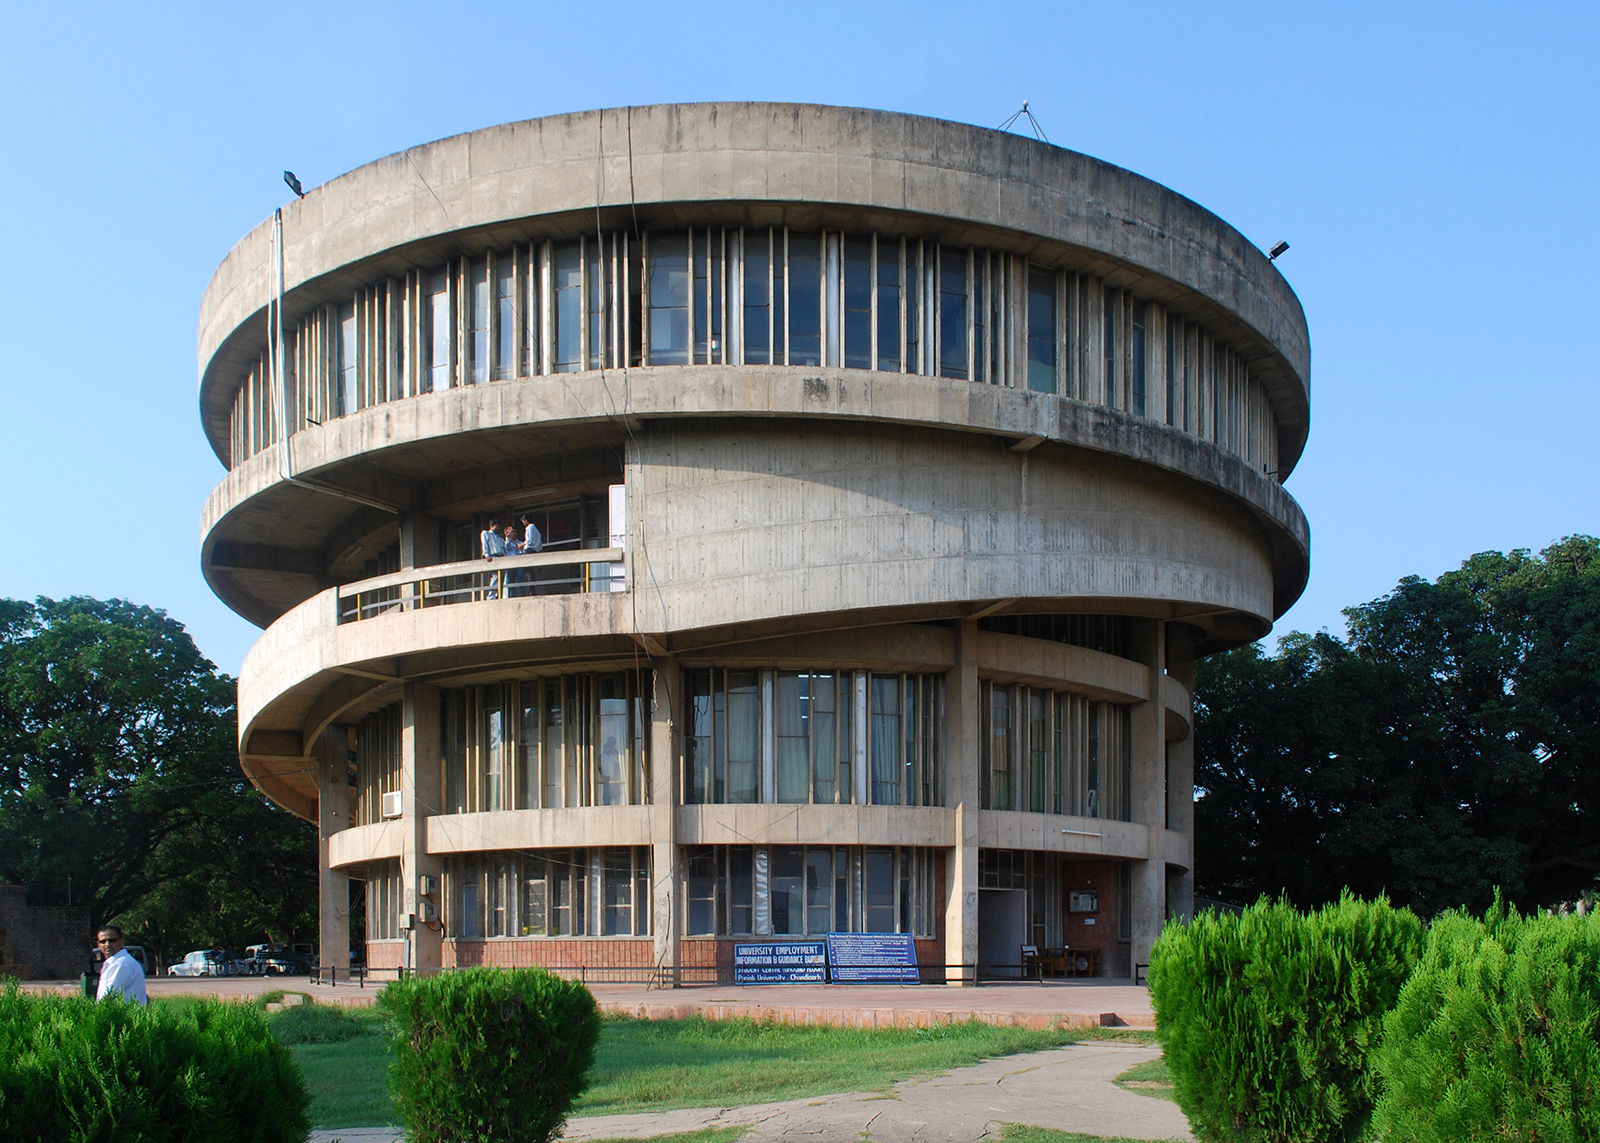 पंजाब यूनिवर्सिटी ने परीक्षाओं की डेटशाटी की जारी, करलें पूरी तैयारी